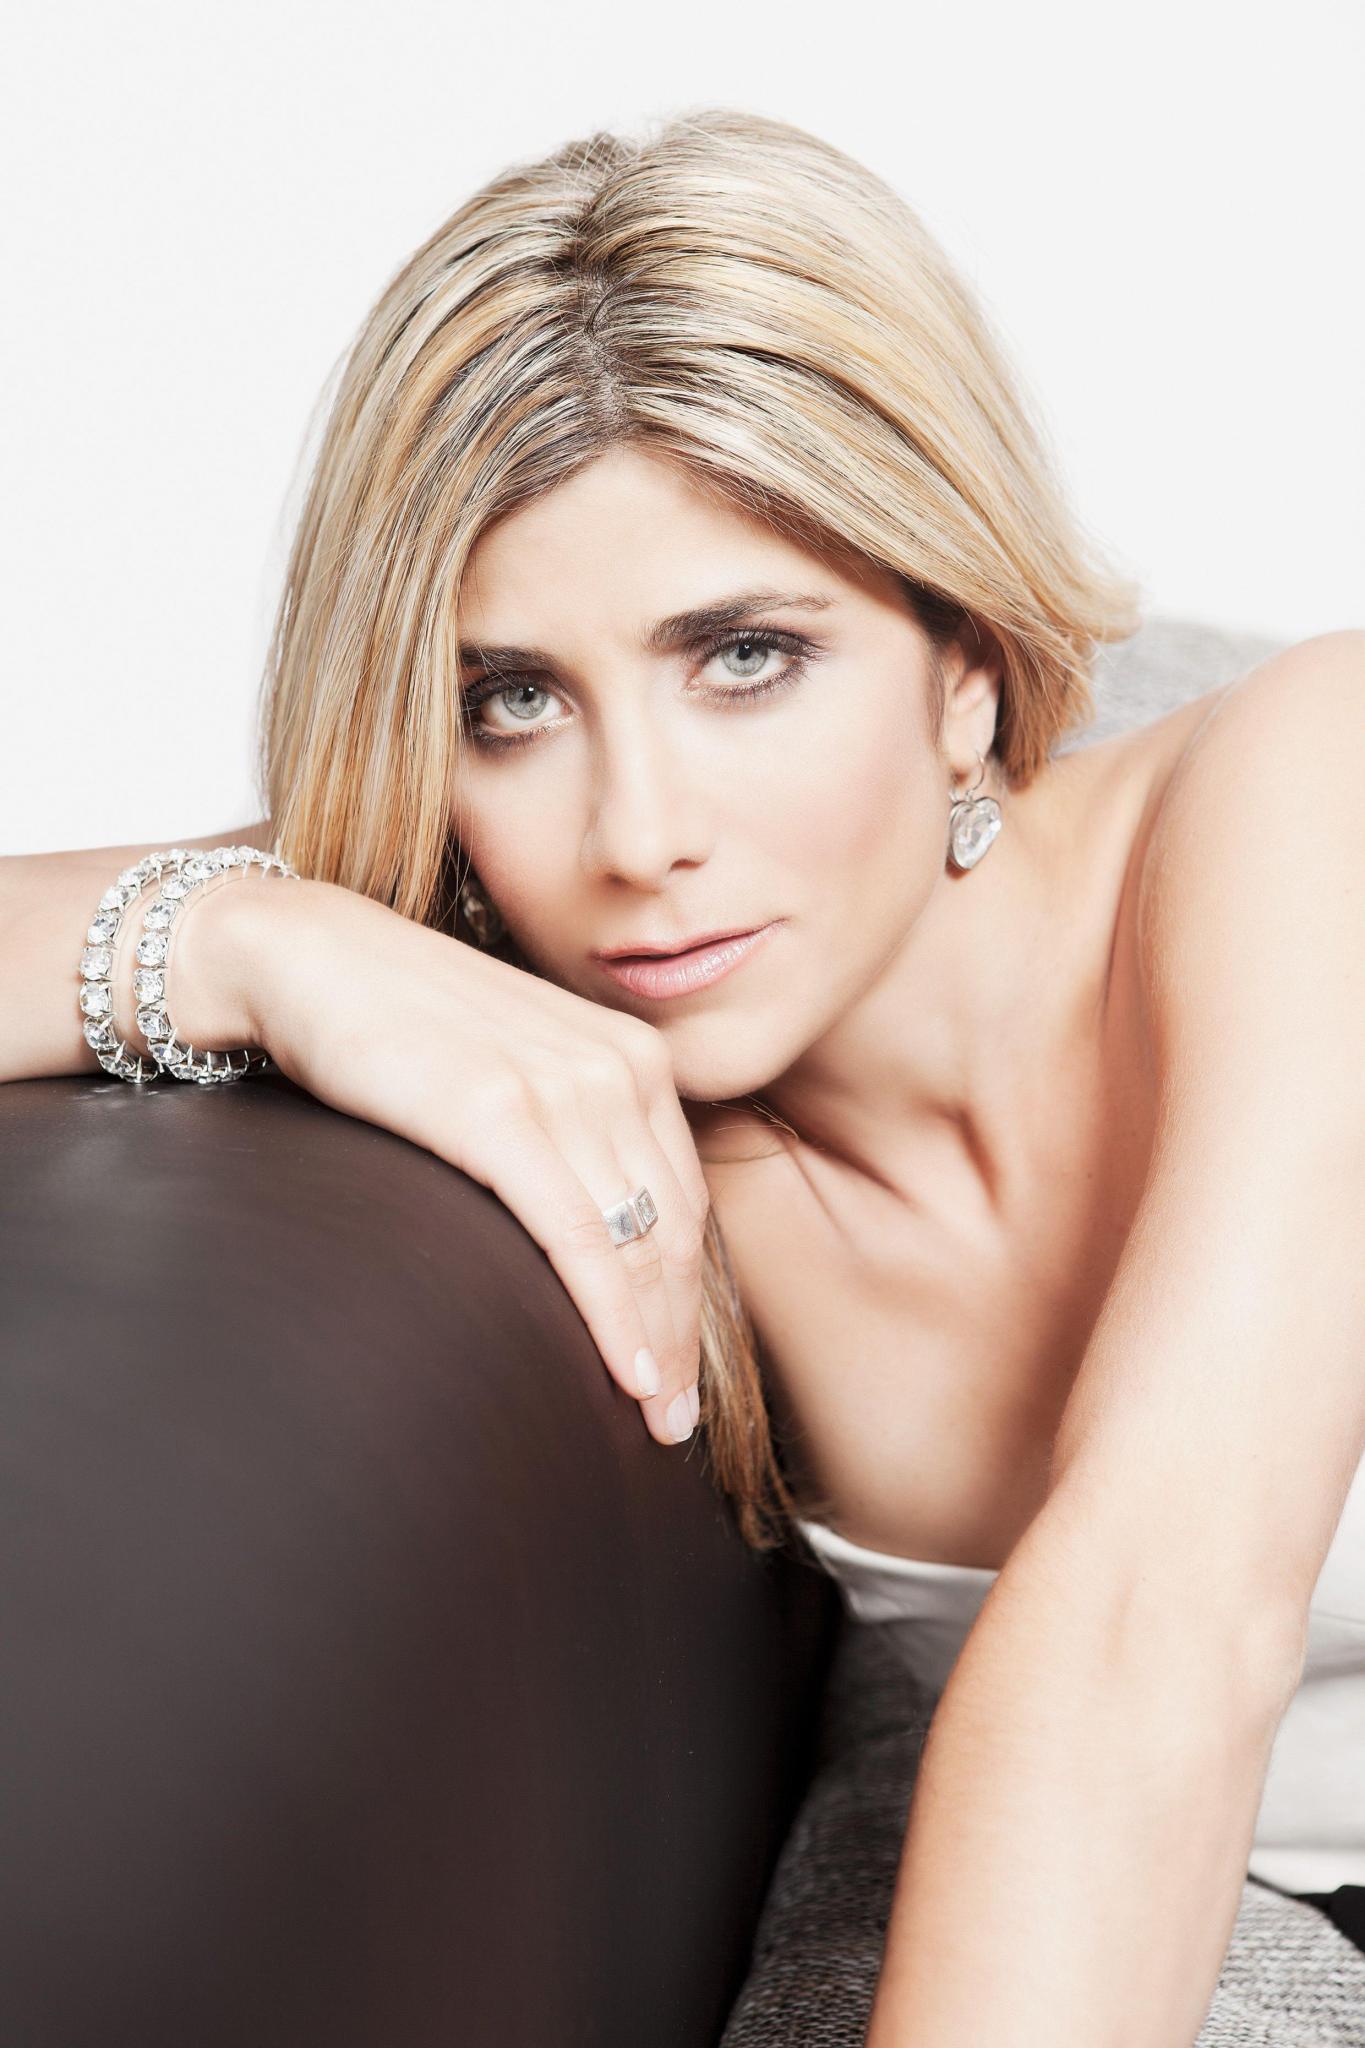 Sexy Bilder von Autoverkäuferin Panagiota Petridou